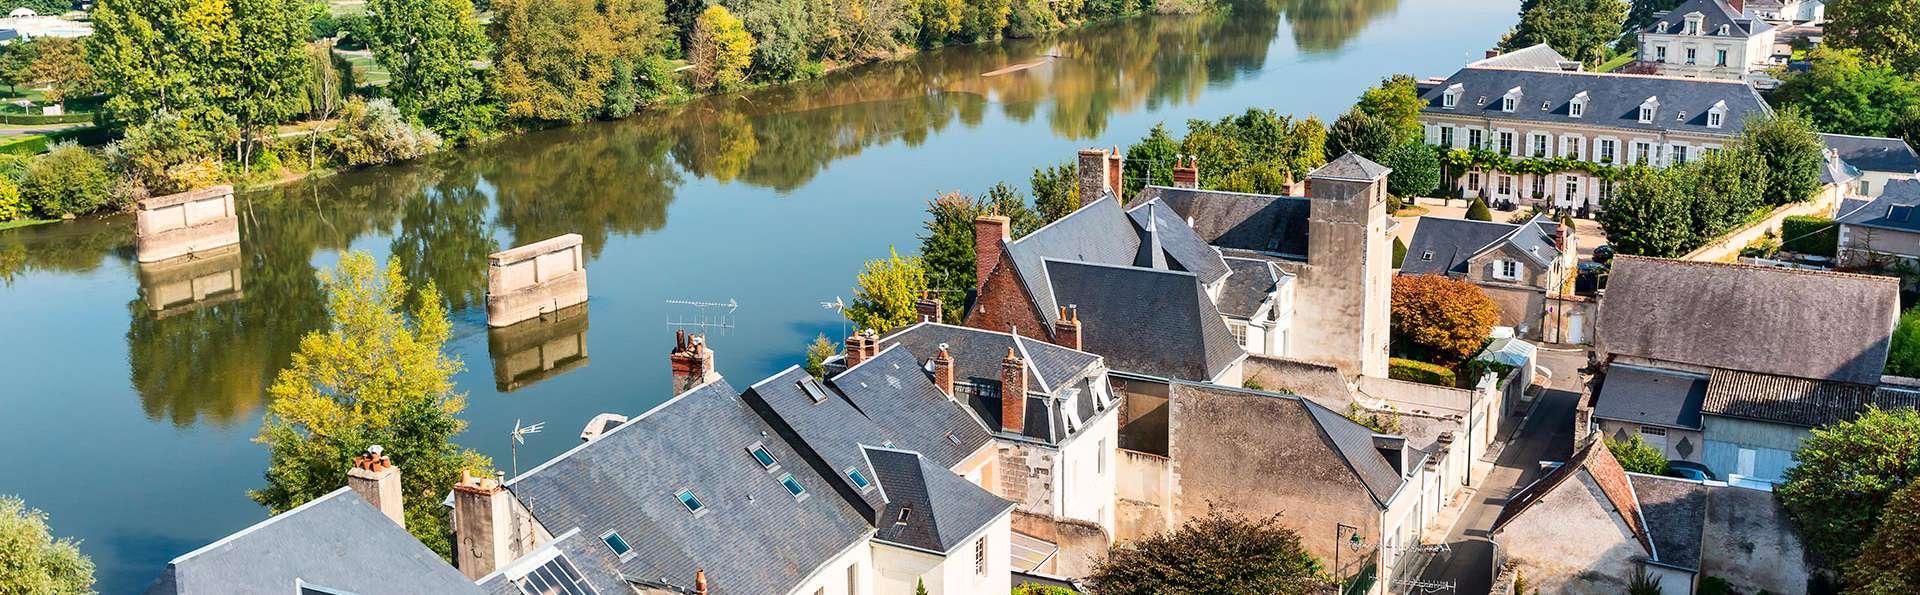 Le Saint Christophe - EDIT_destination.jpg